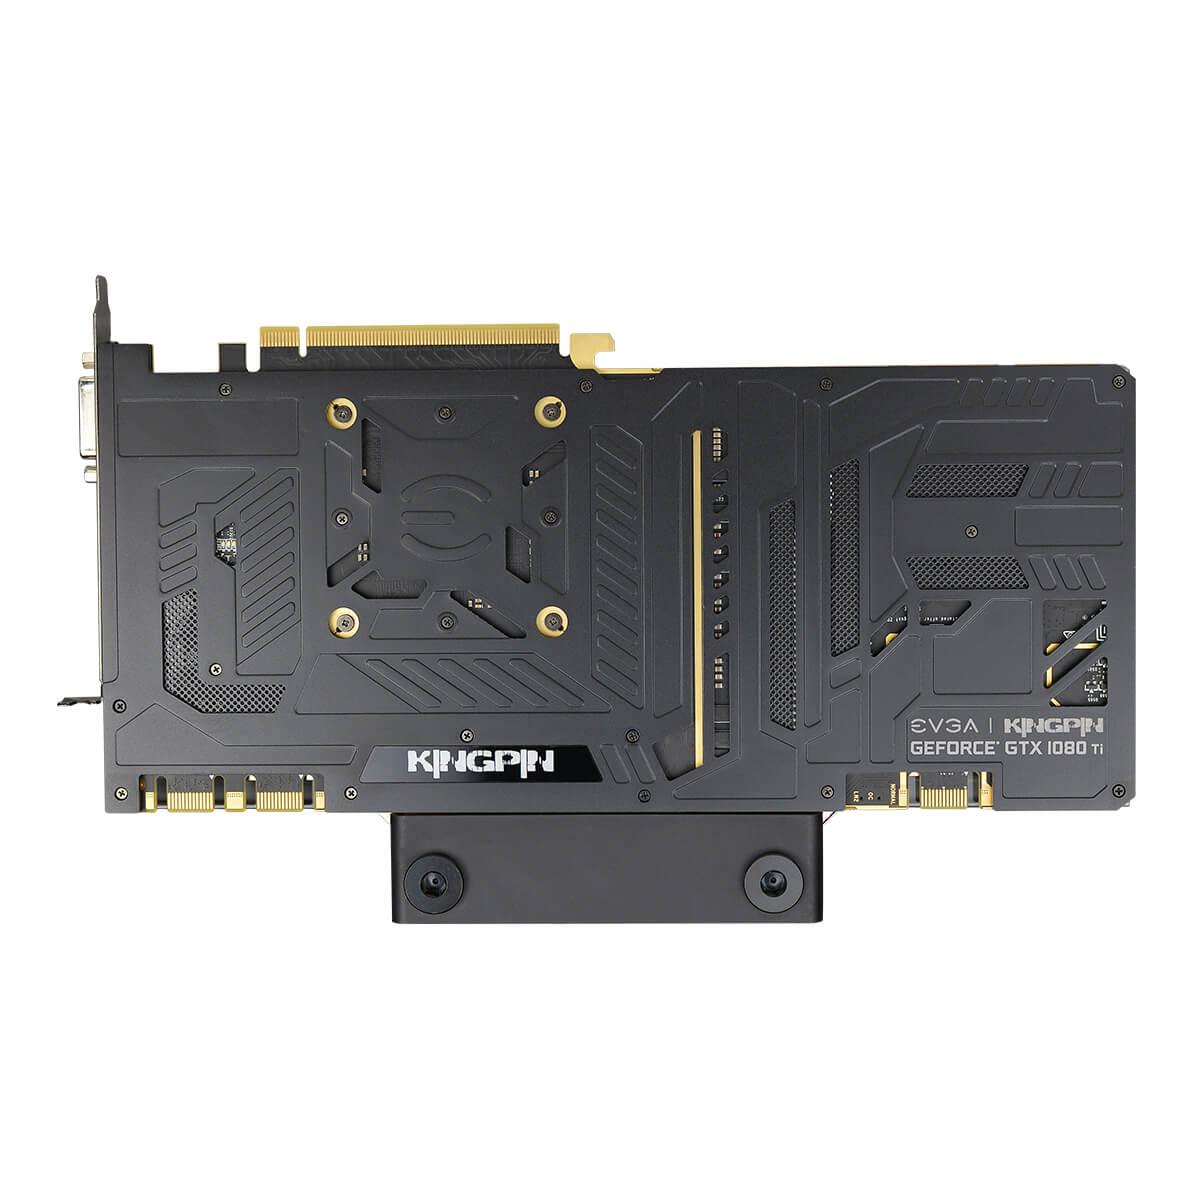 EVGA lanza la GTX 1080 Ti K|NGP|N Hydro Copper